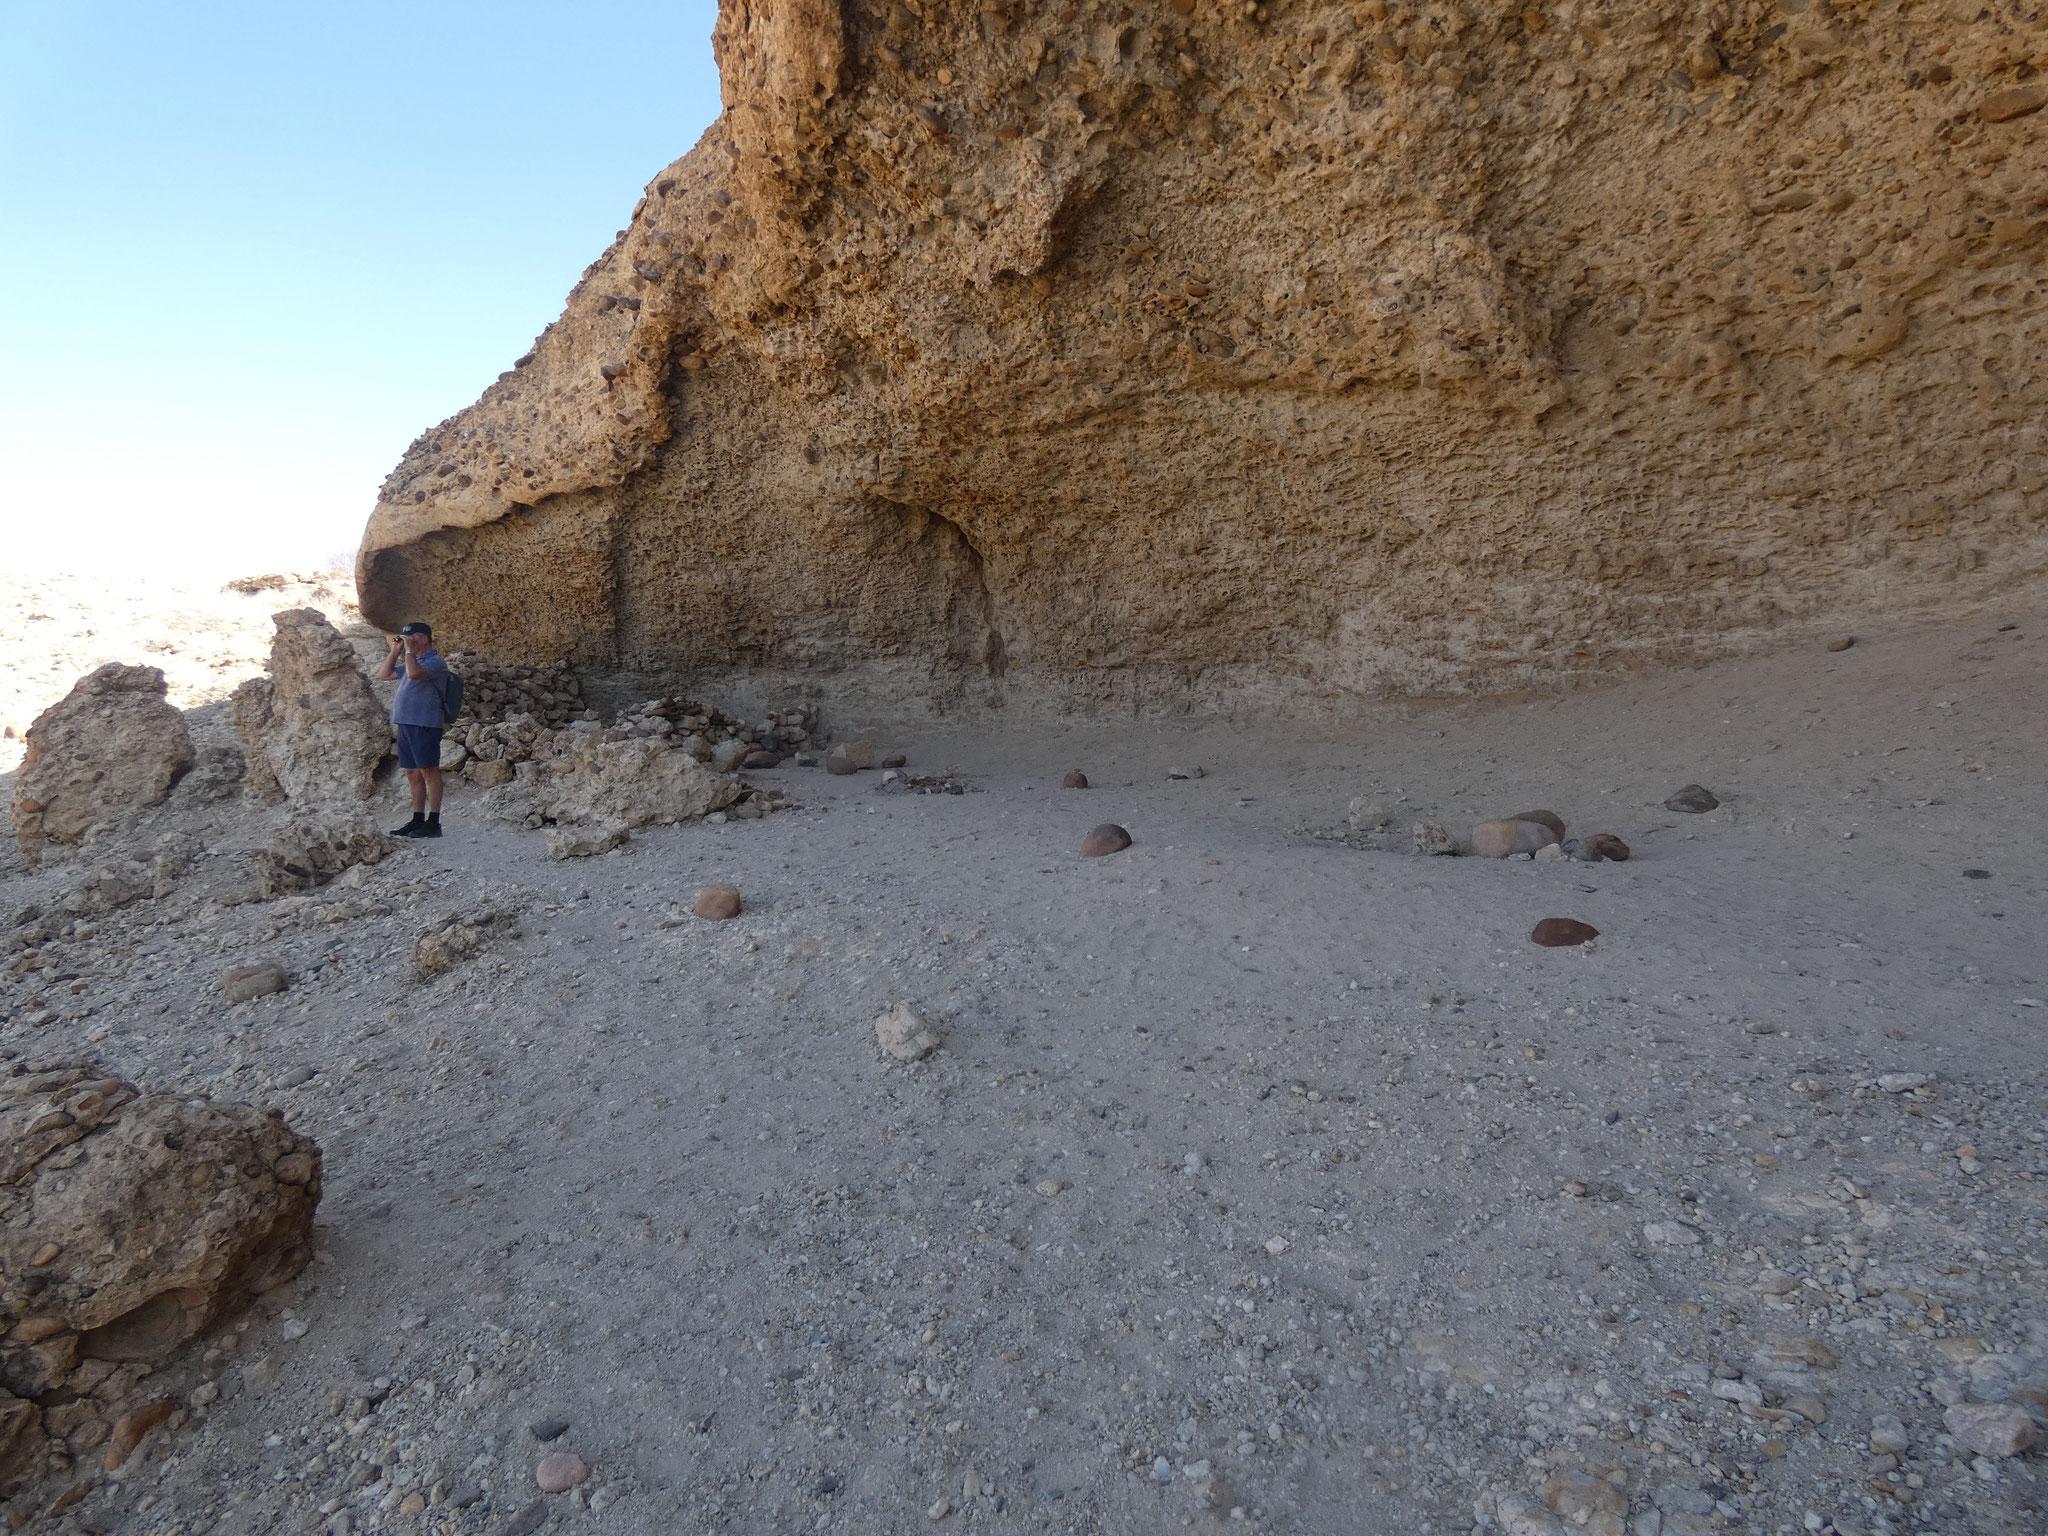 Schelter der Geologen